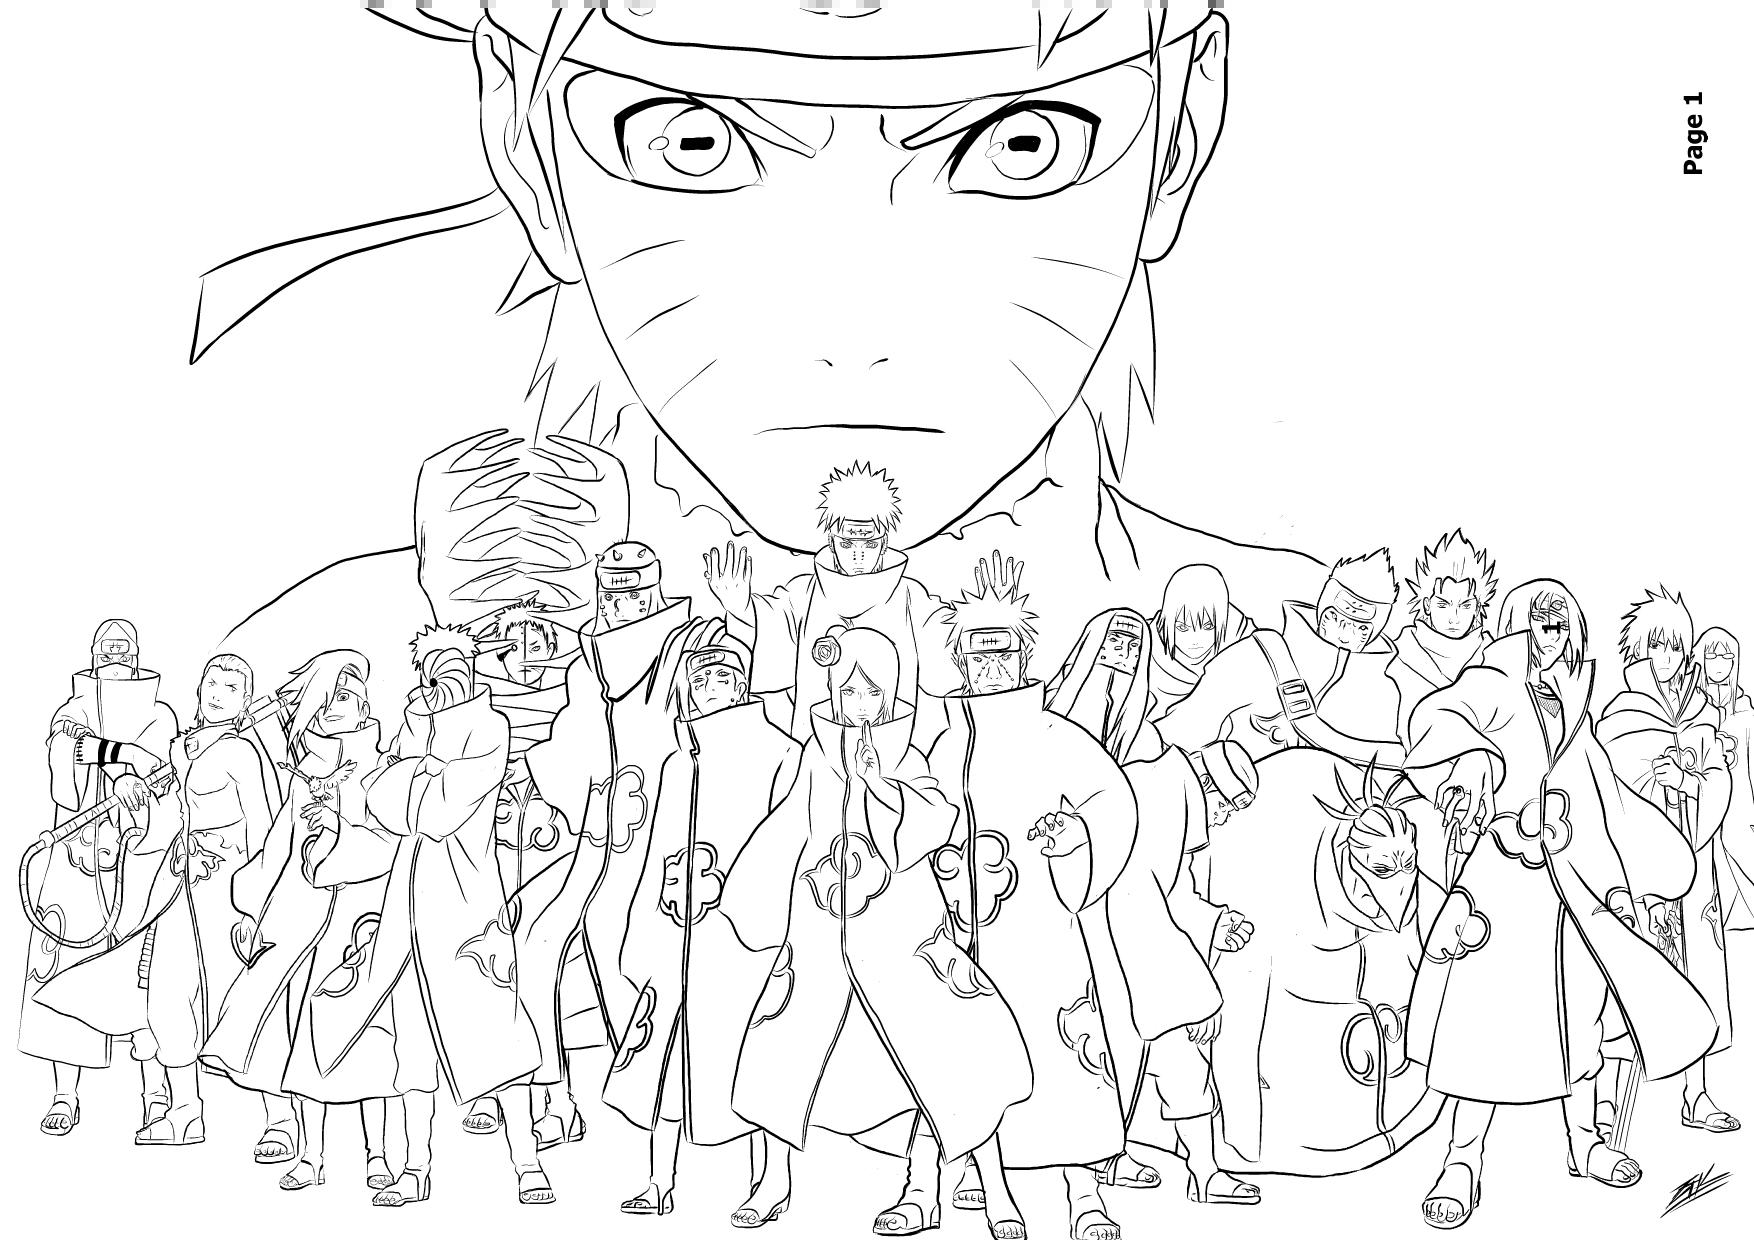 Imagenes Con O Para Colorear: 133 Dibujos De Naruto Para Colorear